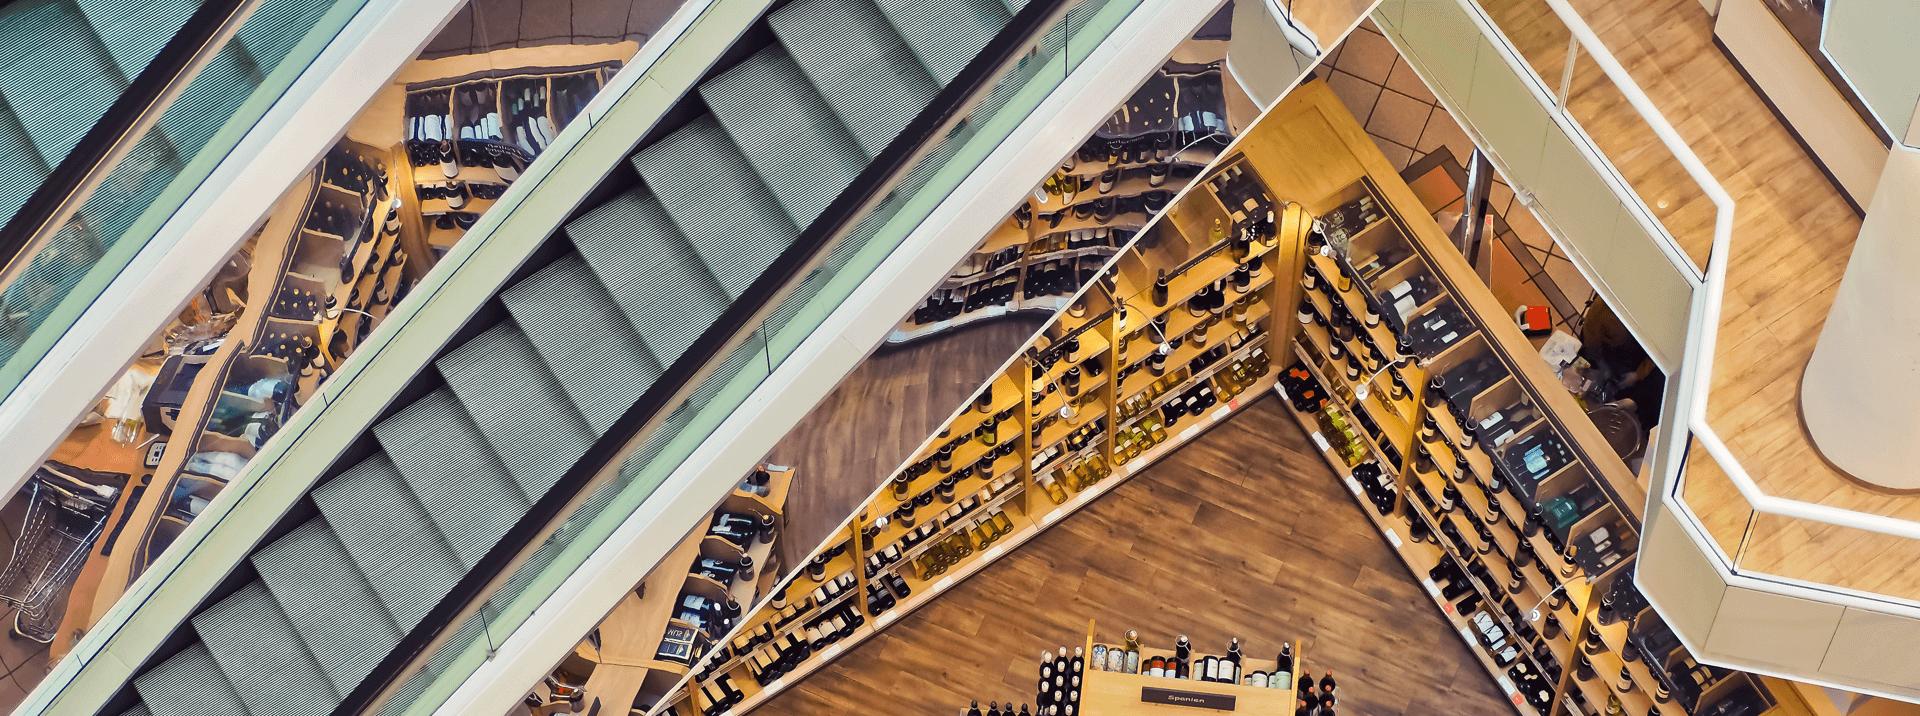 Musik fuer Einkaufscenter